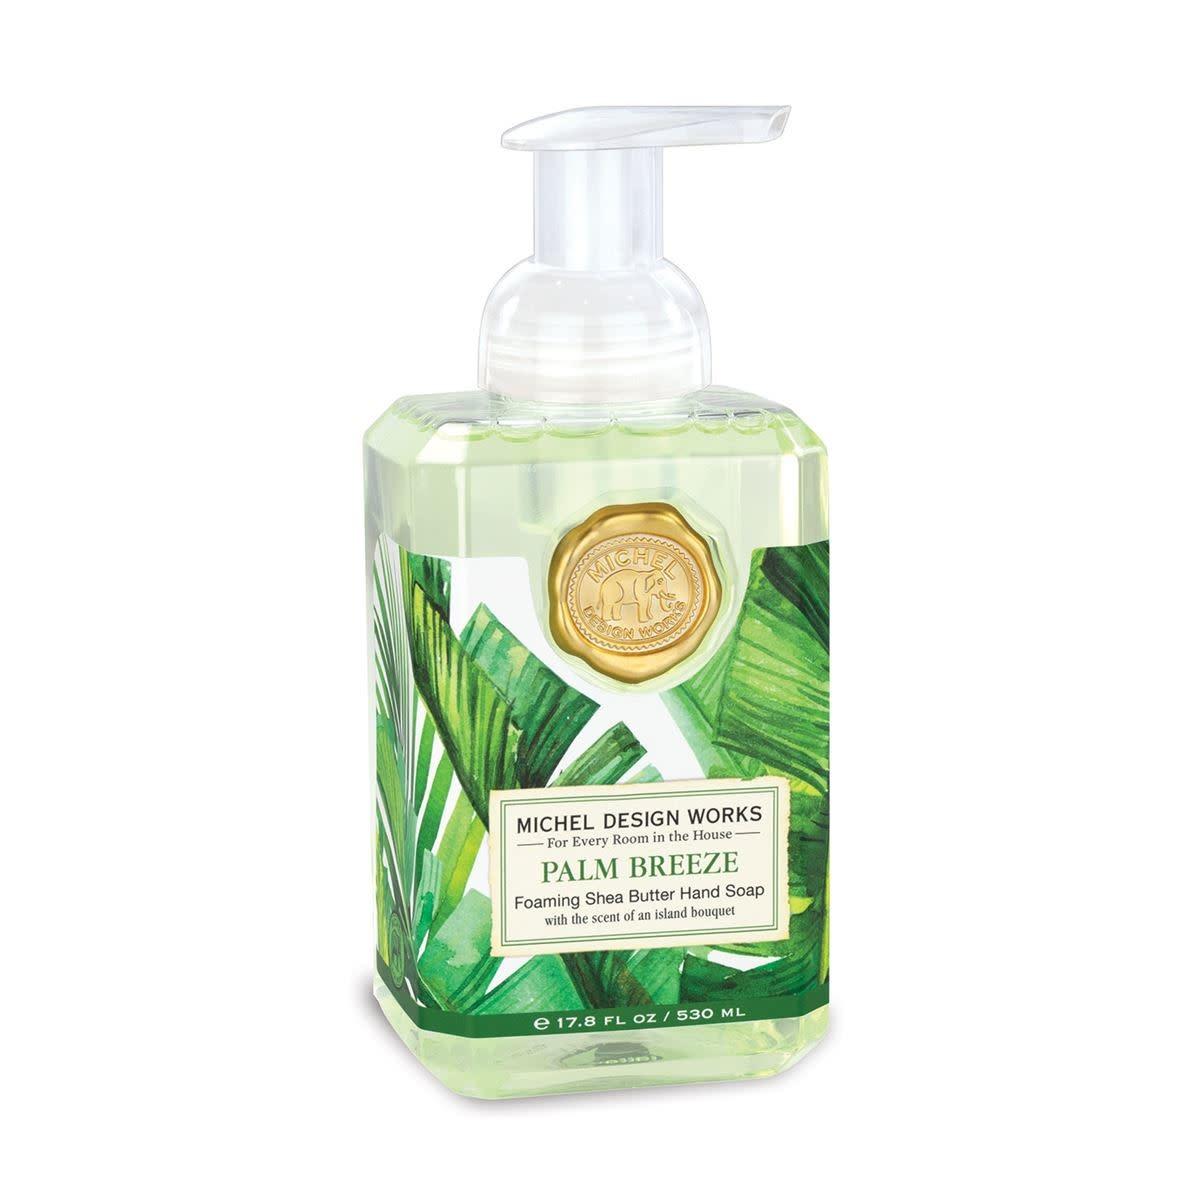 Michel Design Works Palm Breeze Foamer Soap